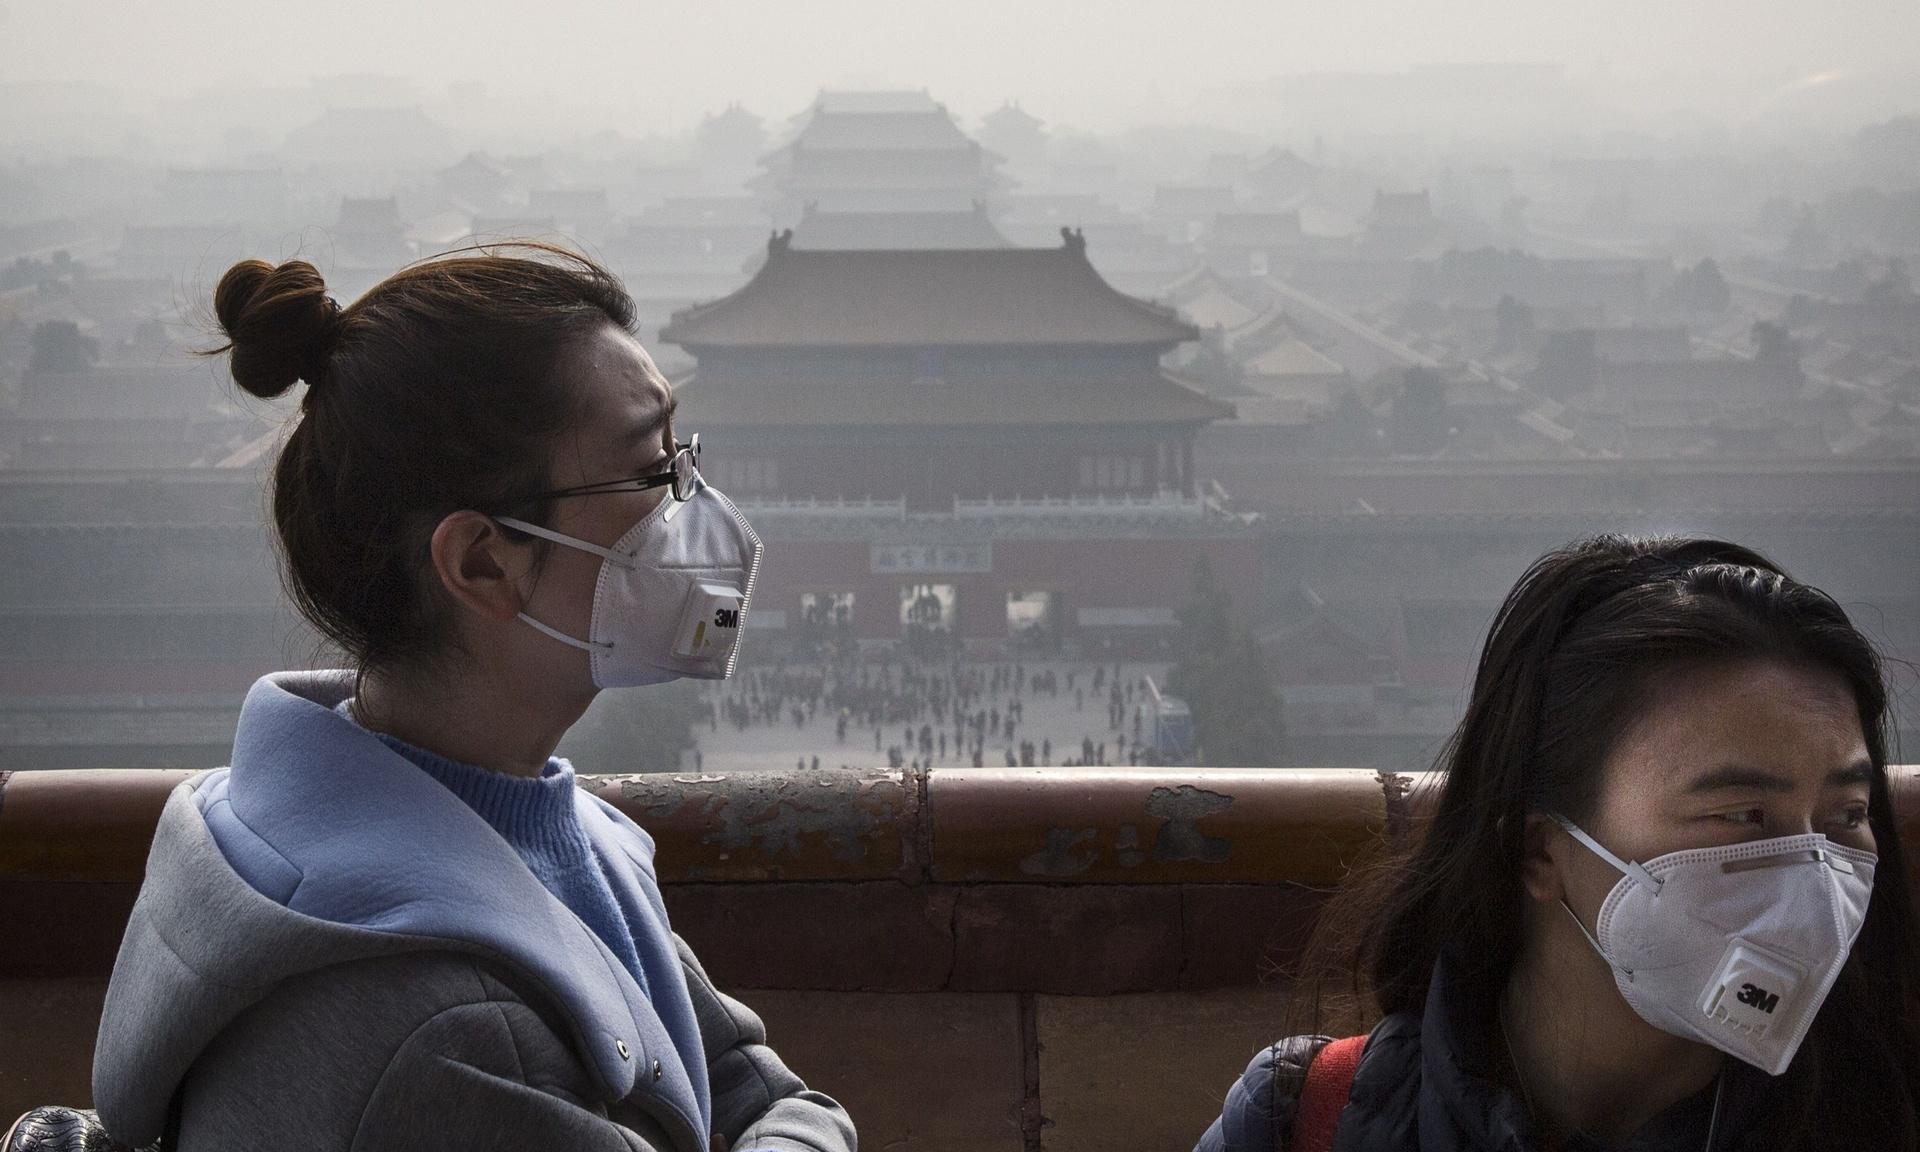 К 2060 году от загрязнения воздуха умрут 200 млн человек, – доклад